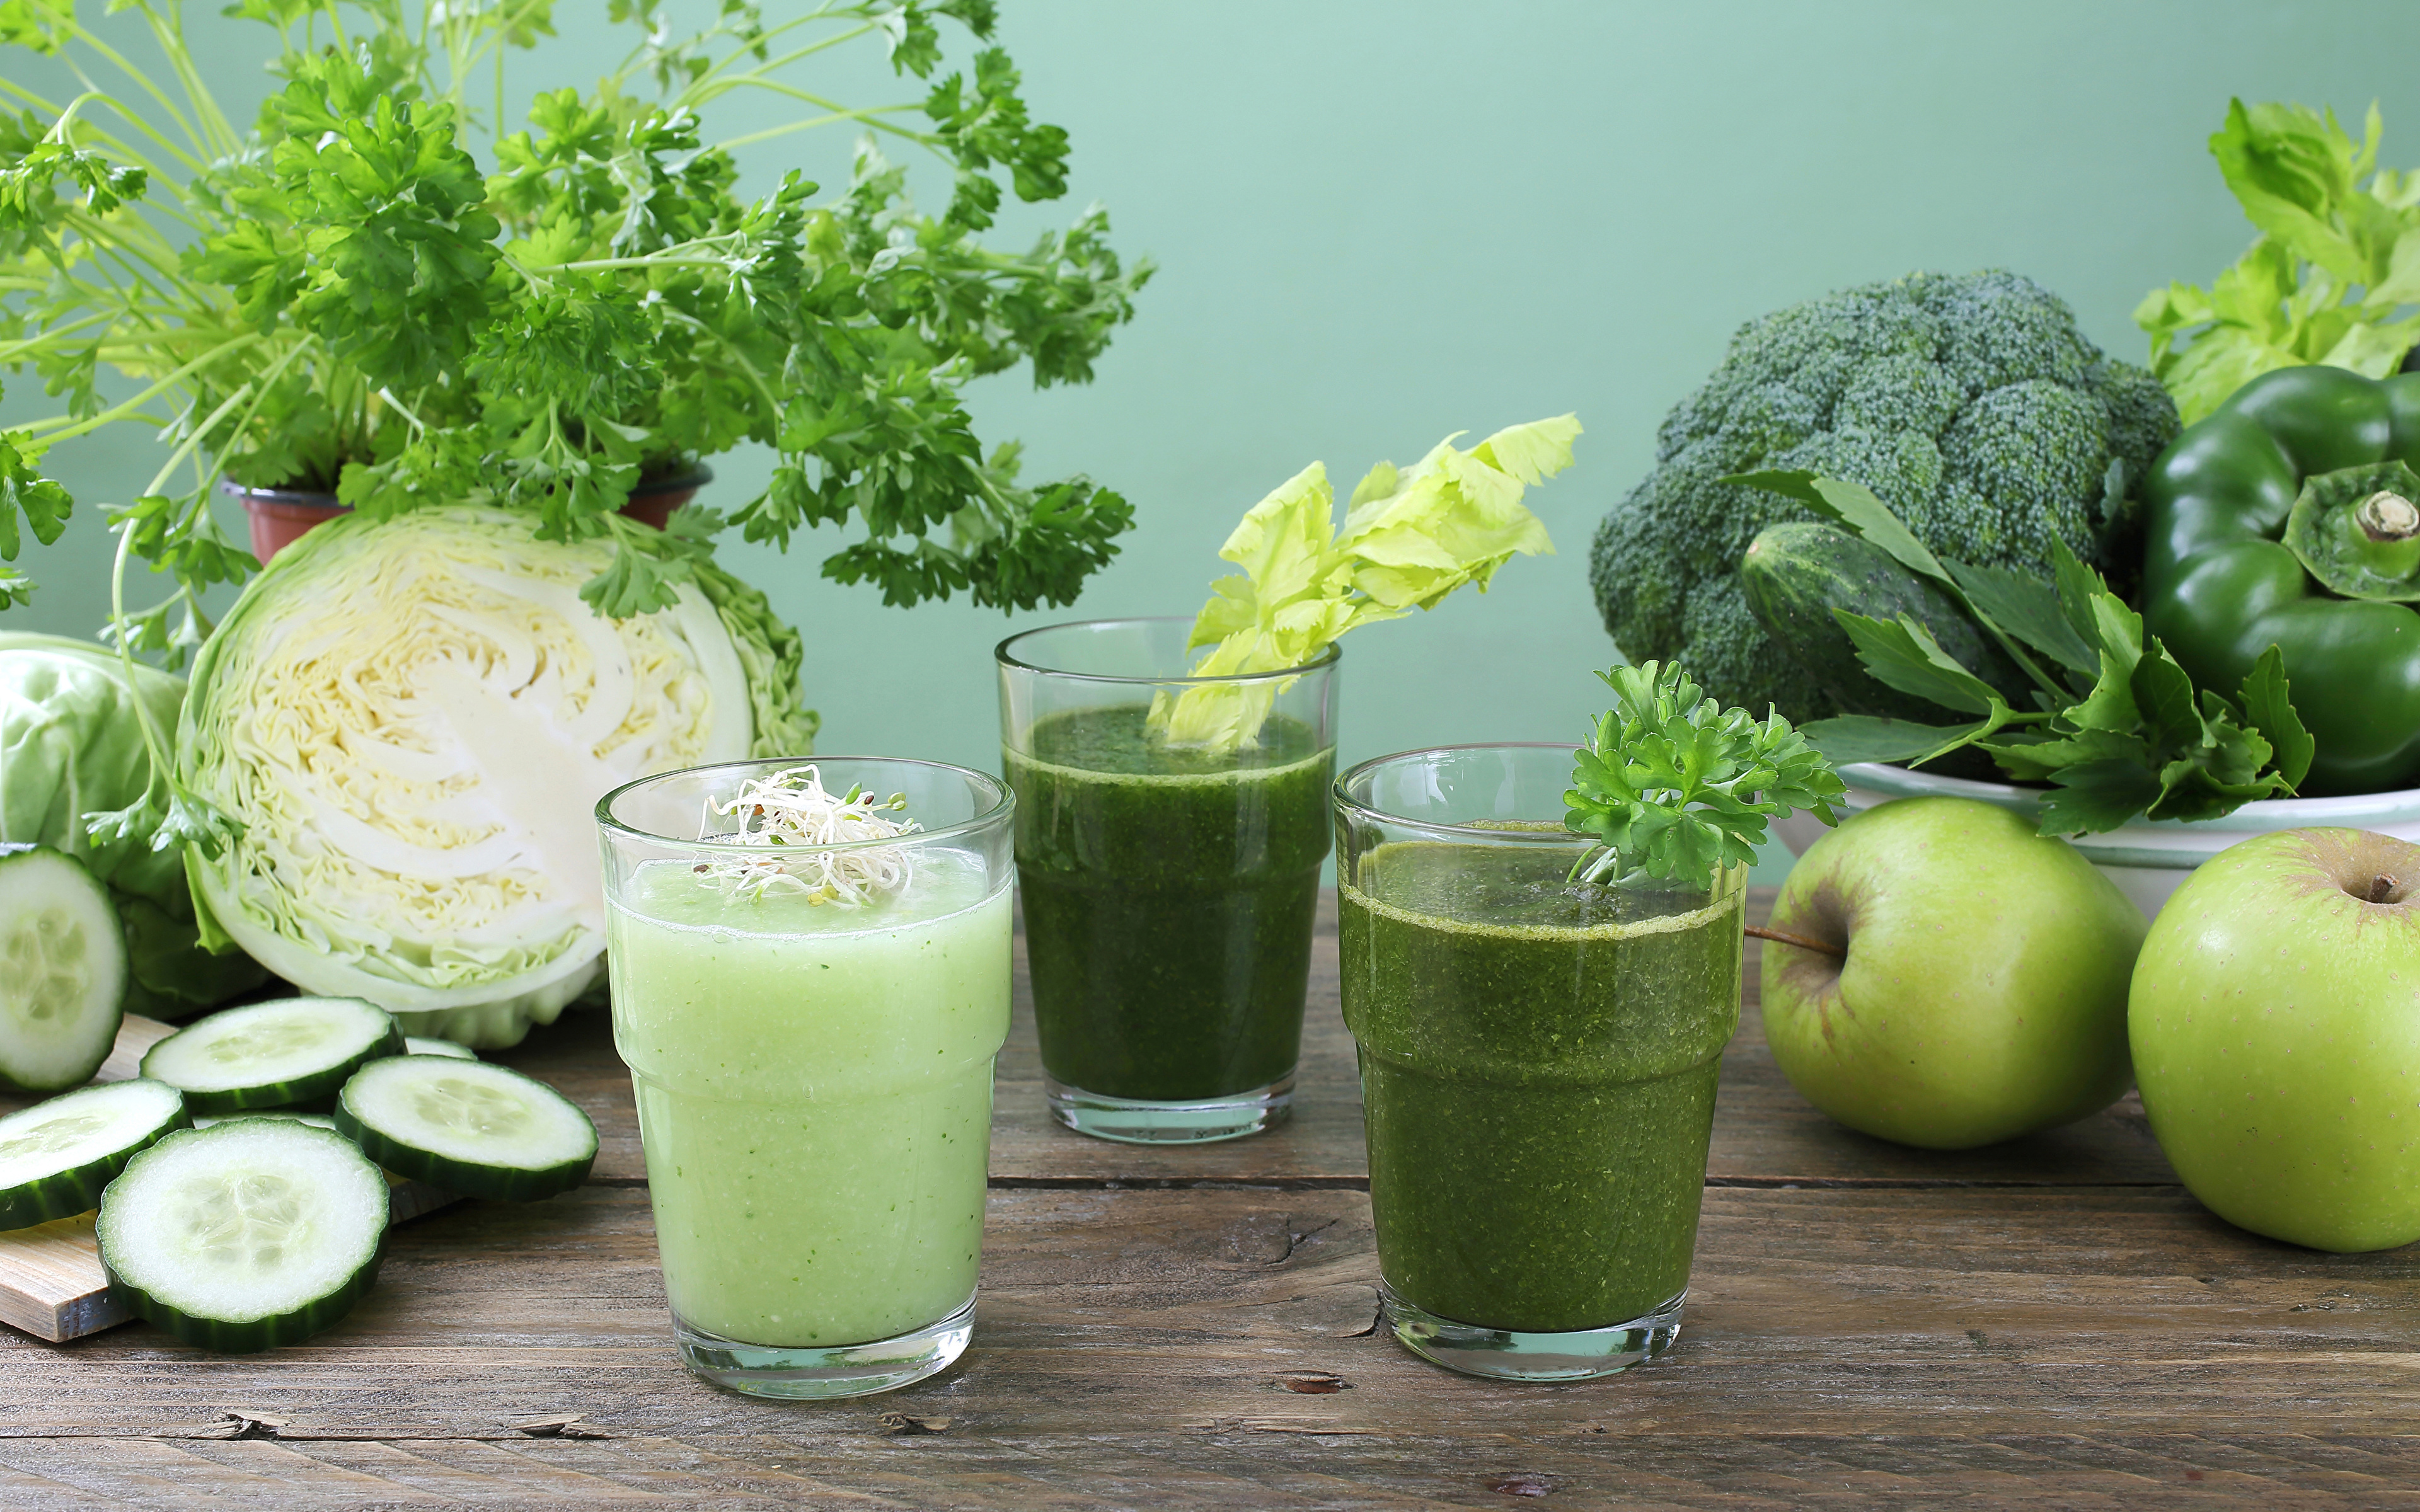 Диета Очищающая Витамины. 3 очищающие диеты для похудения и оздоровления